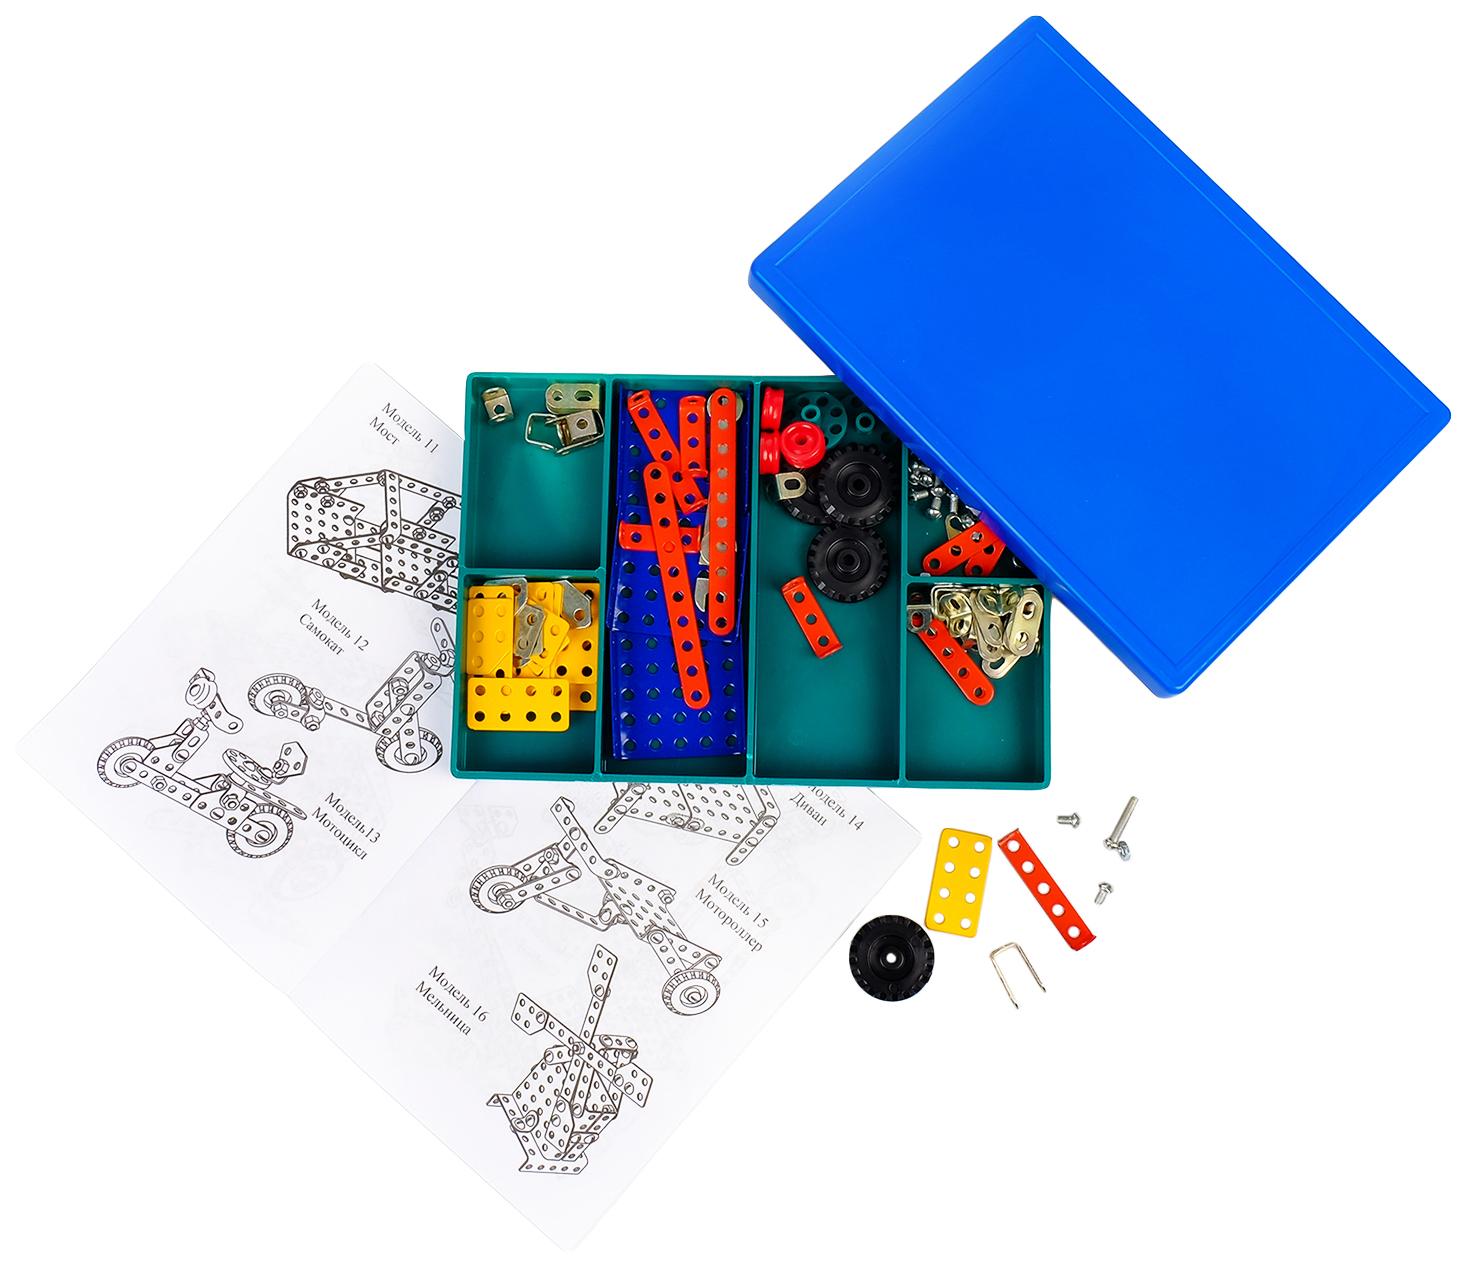 Купить Конструктор Самоделкин 30 , 184 детали, 30 моделей, цветной Самоделкин, Металлические конструкторы